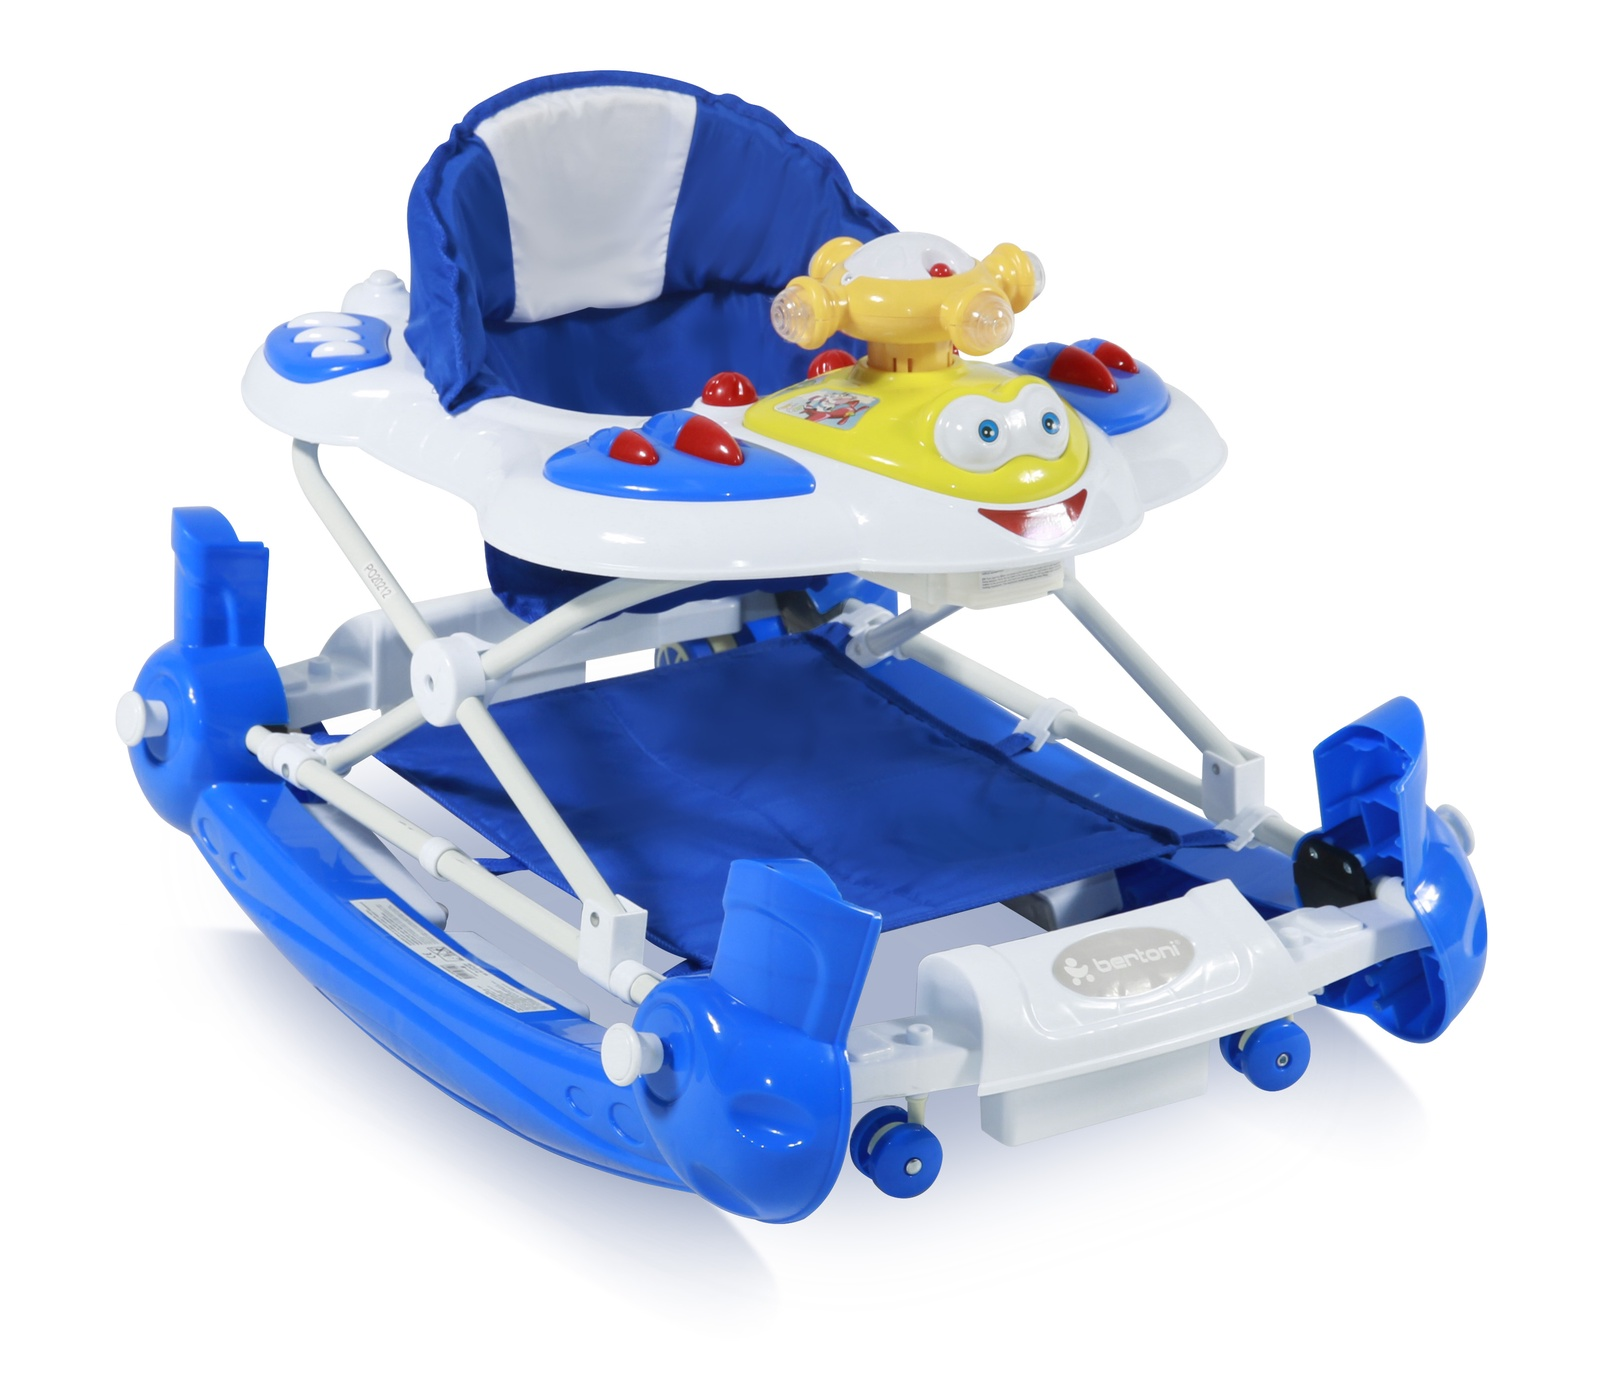 Ходунки детские Lorelli Ходунки-качалка Bertoni BW Helicopter EN Blue Синие синий